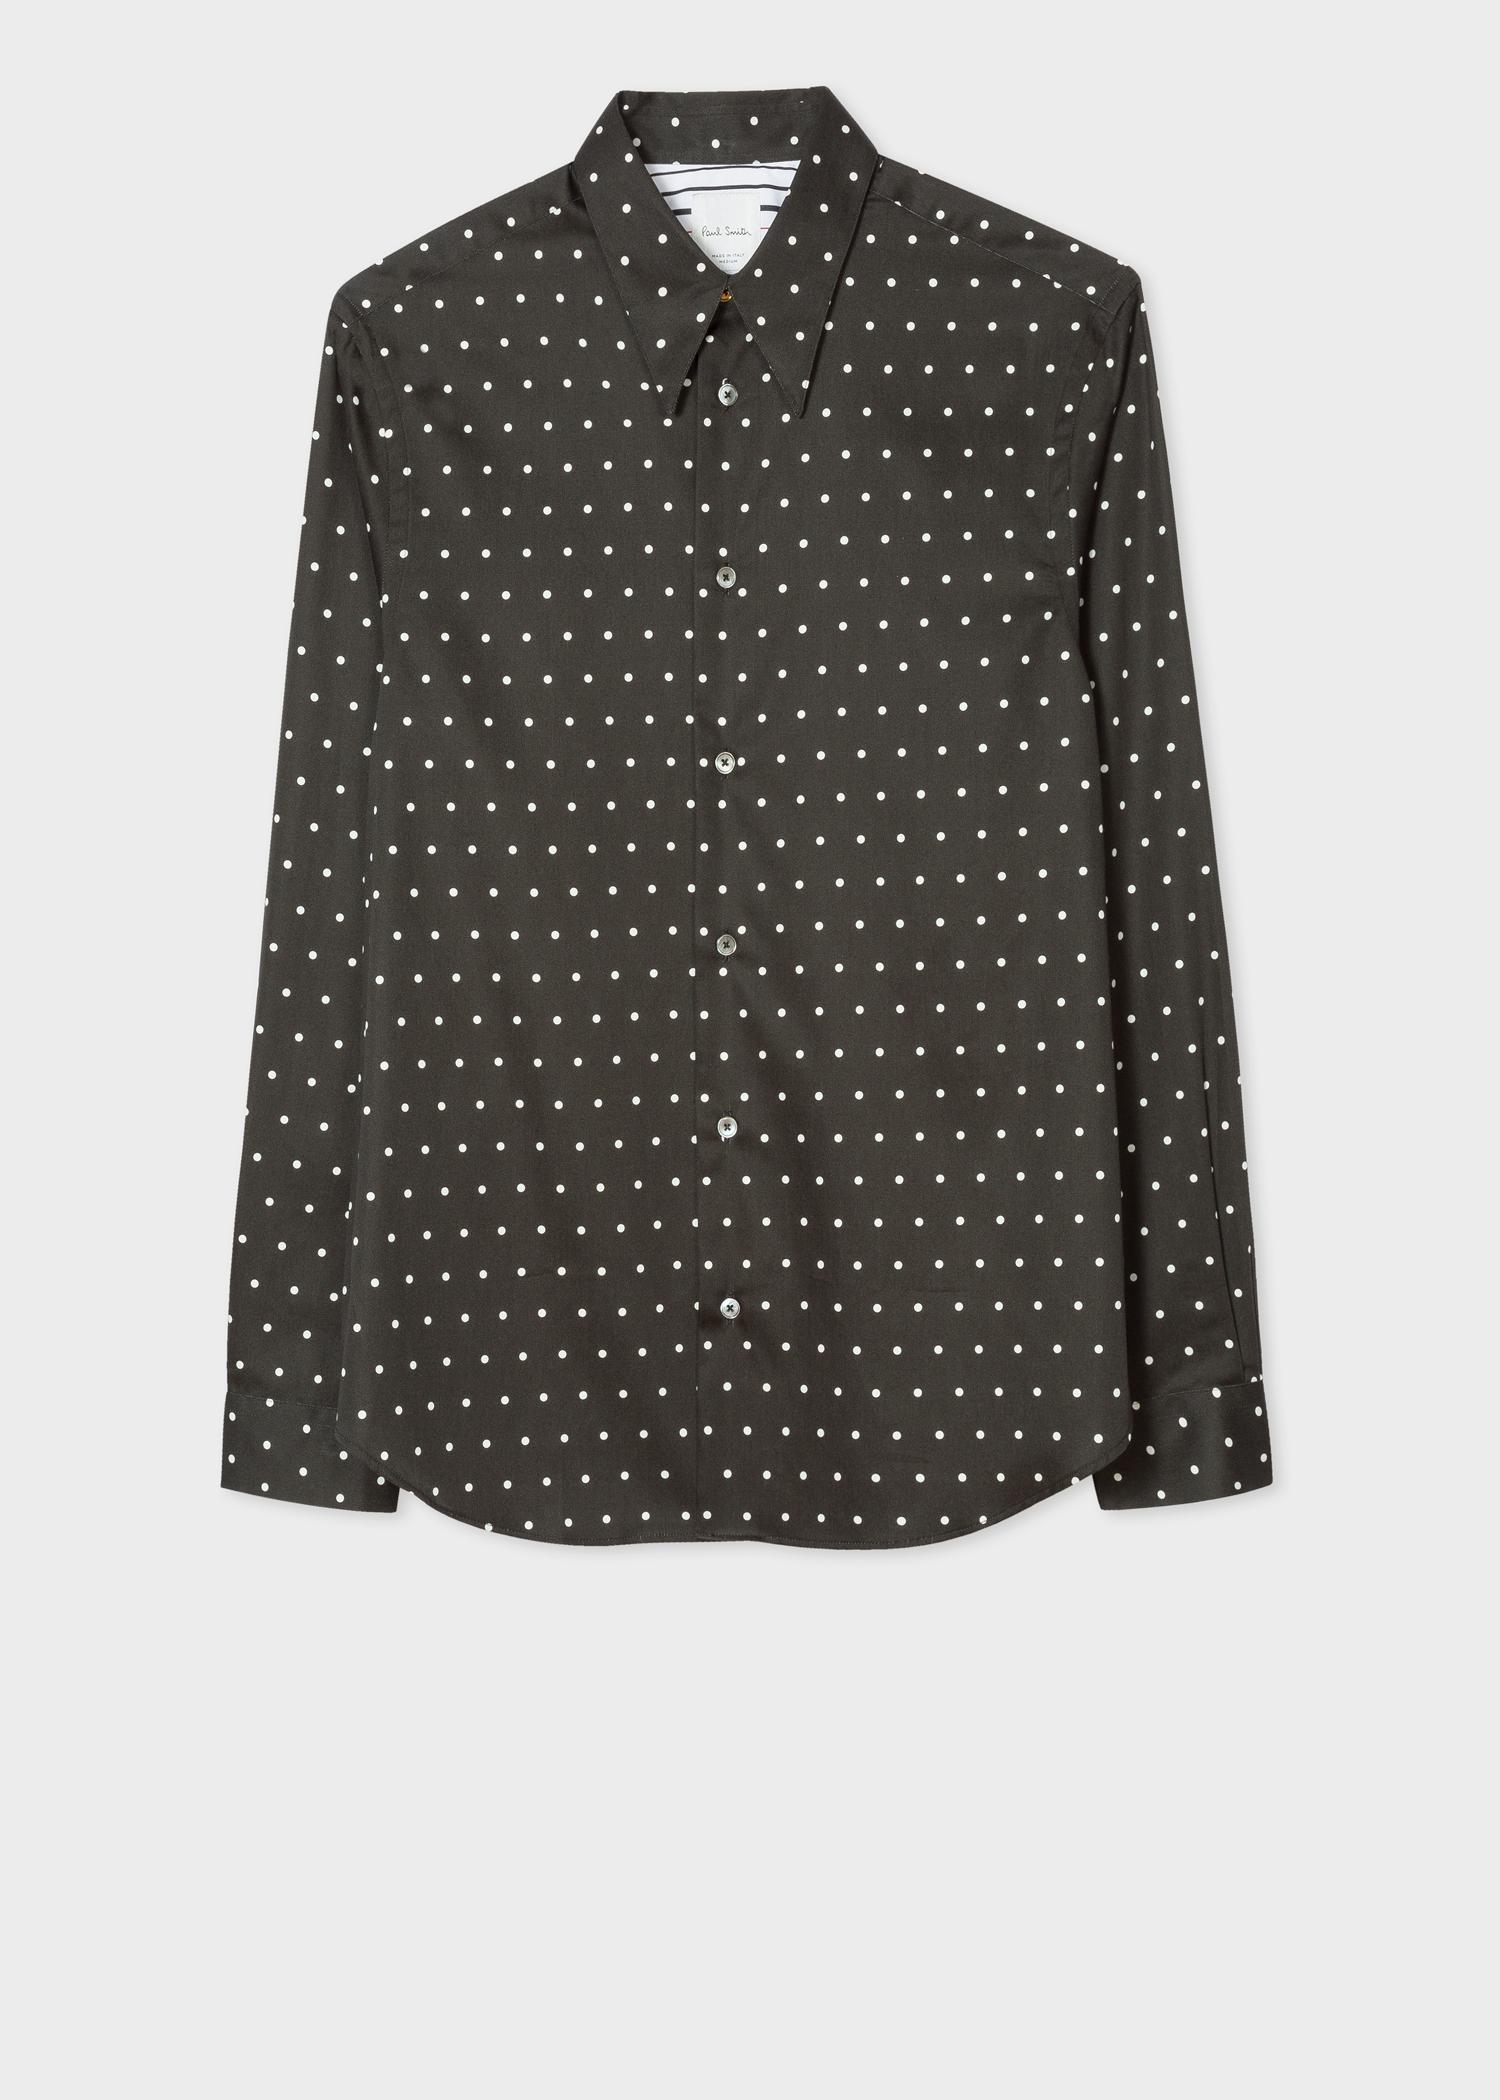 taille 40 e428b cb419 Chemise Homme Noire À Pois Blancs En Coton Coupe Ajustée